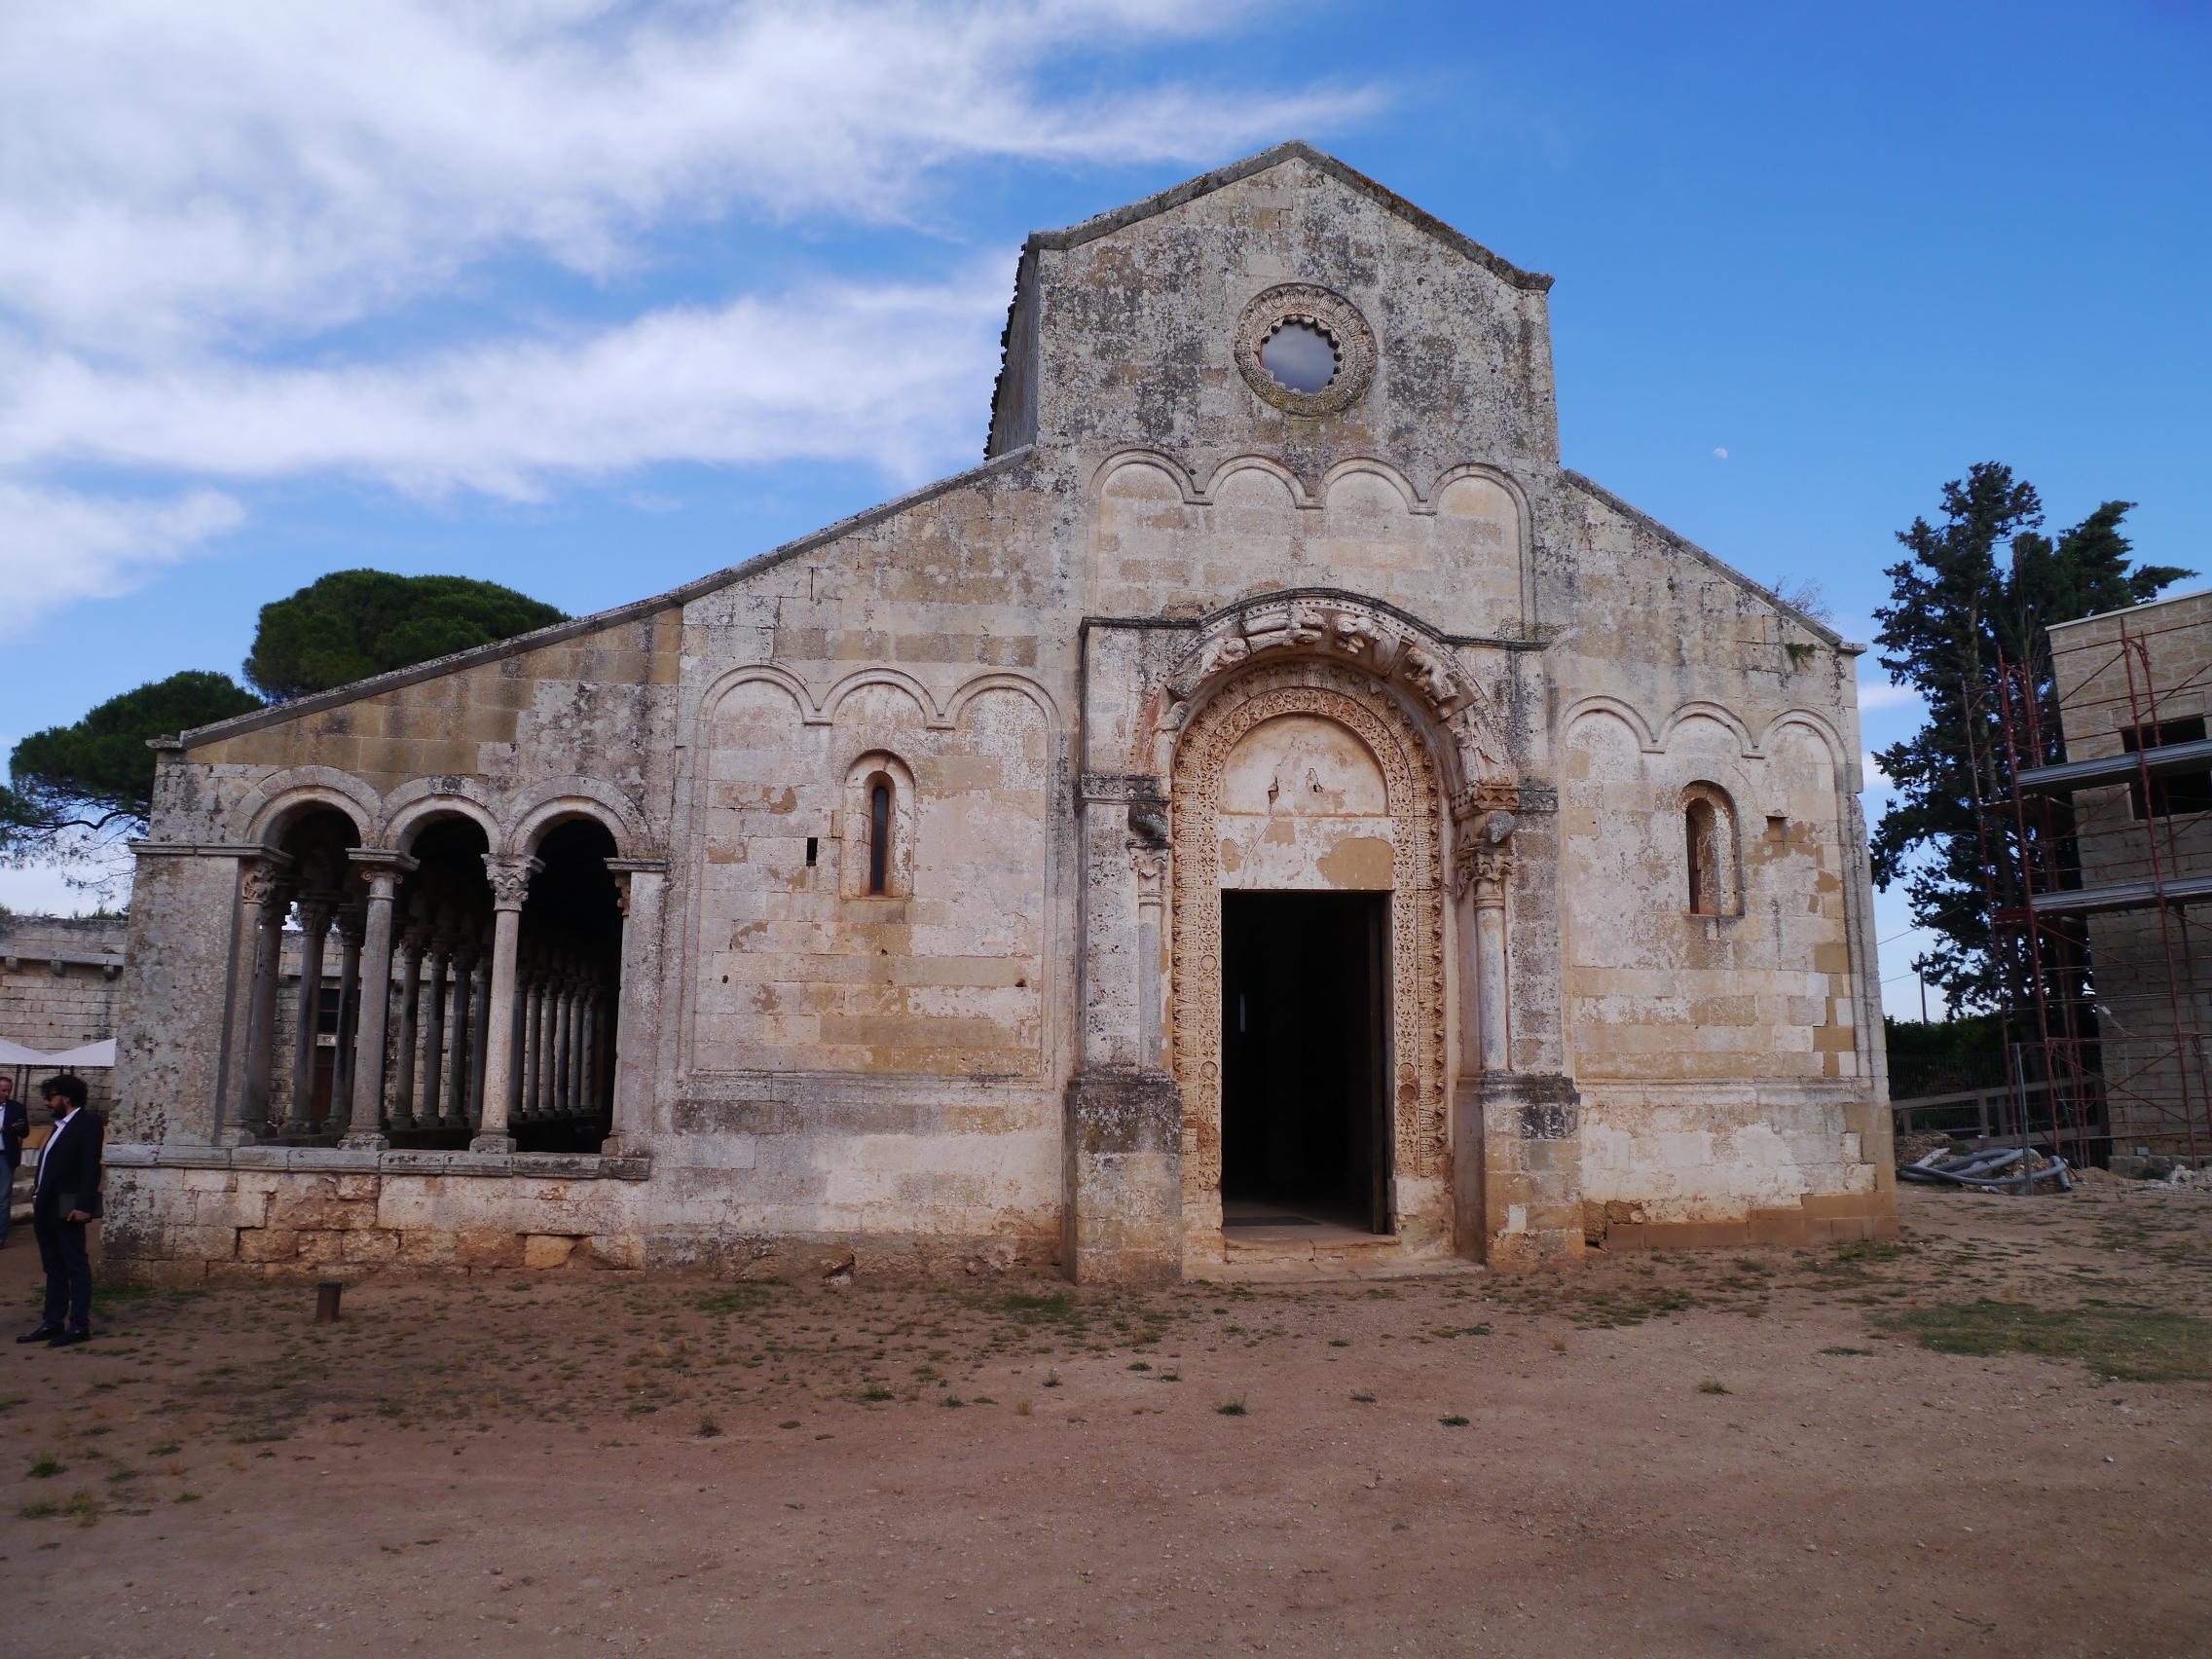 Abbazia di S. Maria di Cerrate, commenda dell'ospedale degli Incurabili di Napoli